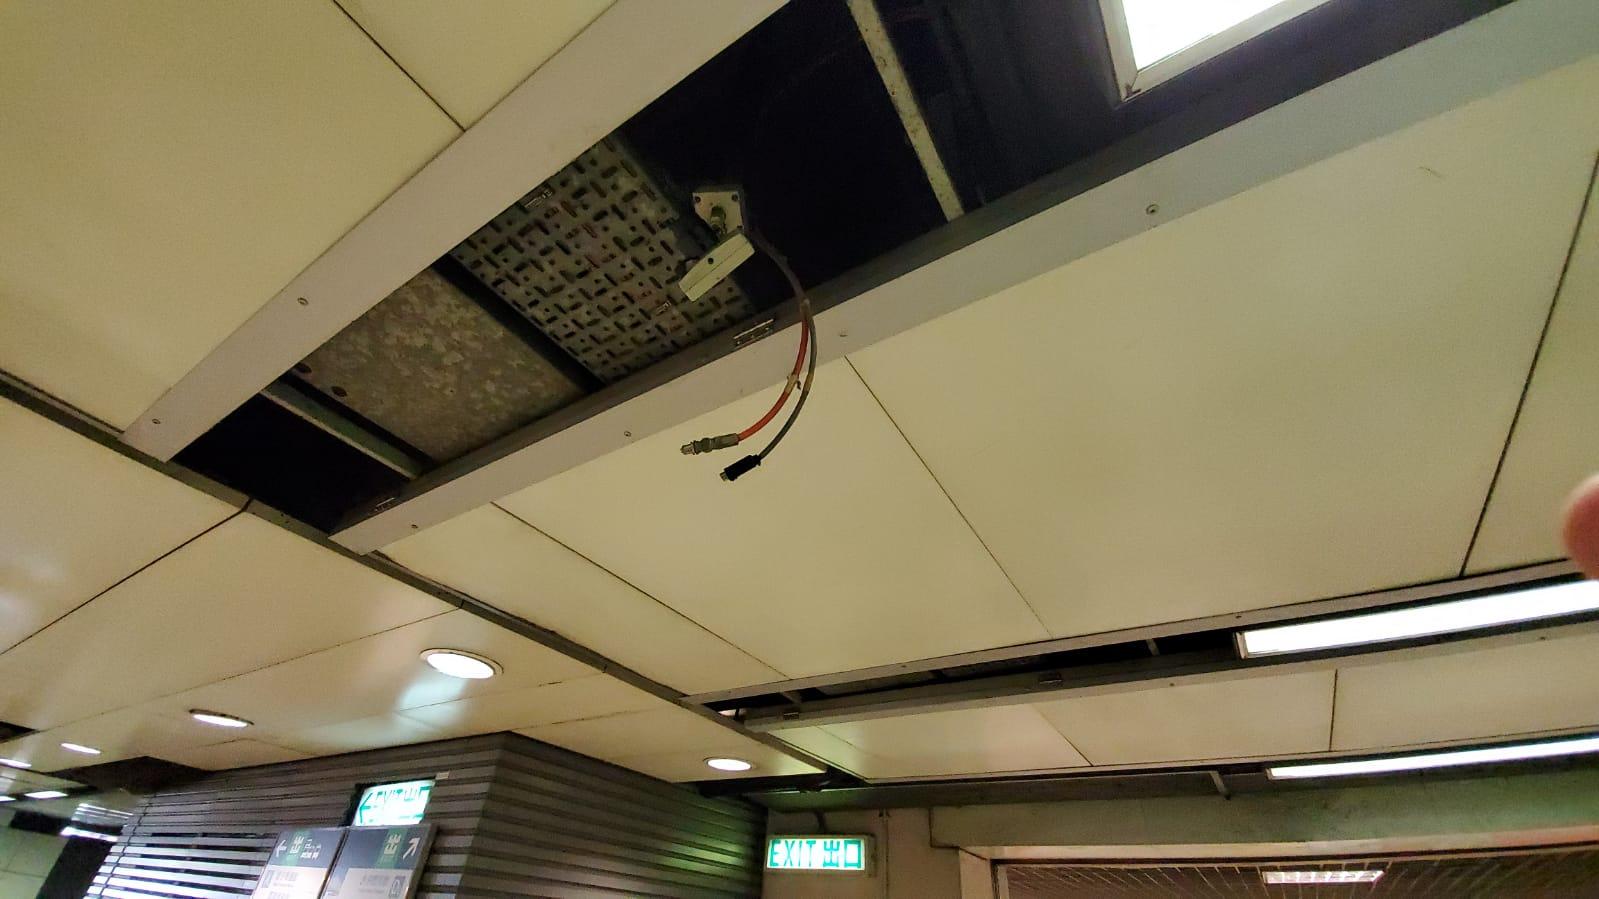 大堂有閉路電視遭破壞。